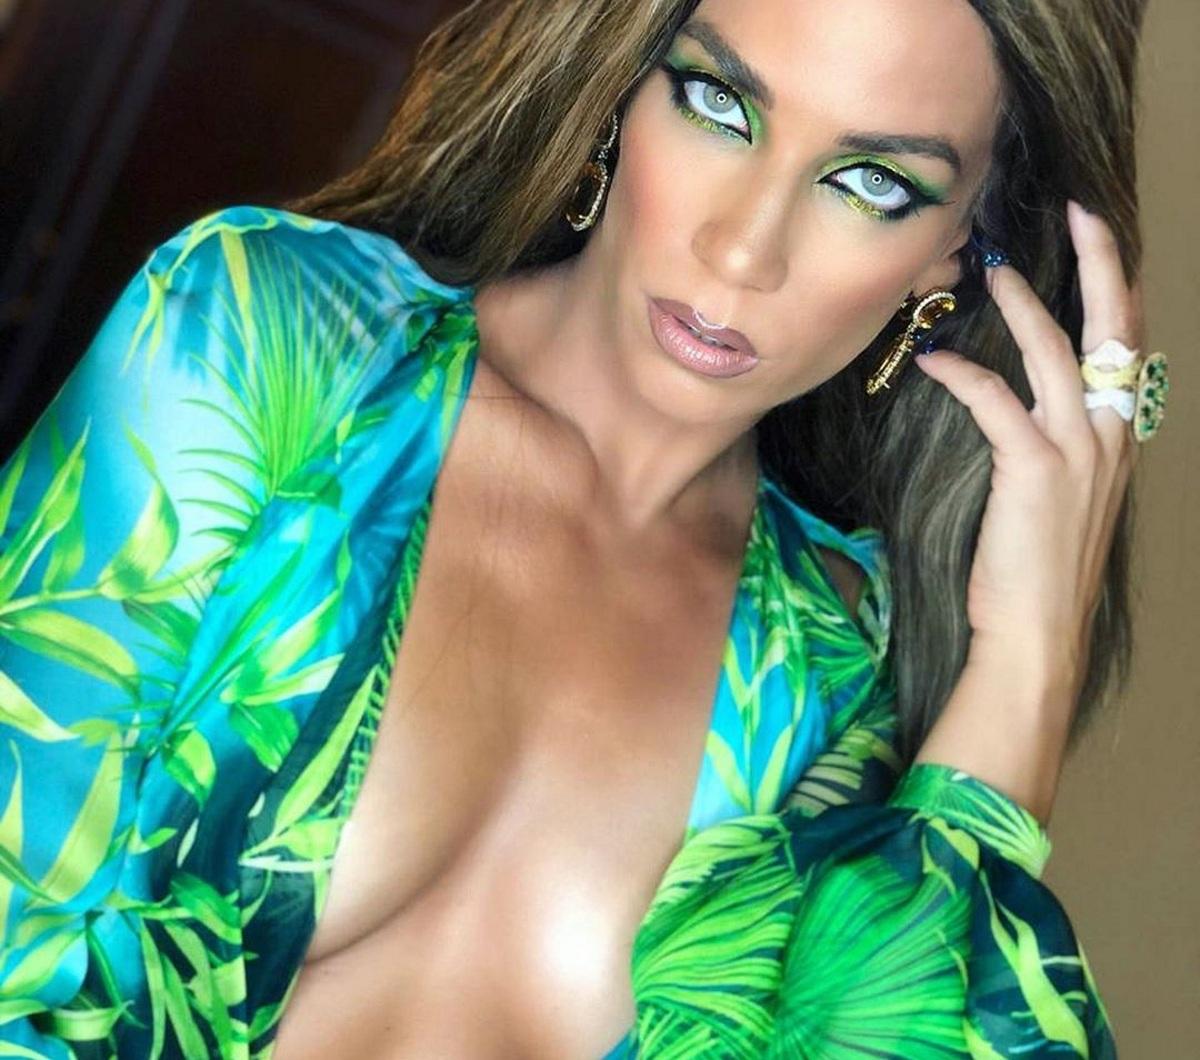 Κατερίνα Στικούδη: Εκθαμβωτική με το θρυλικό πράσινο Versace που φόρεσε η Lopez! [pics,vid]